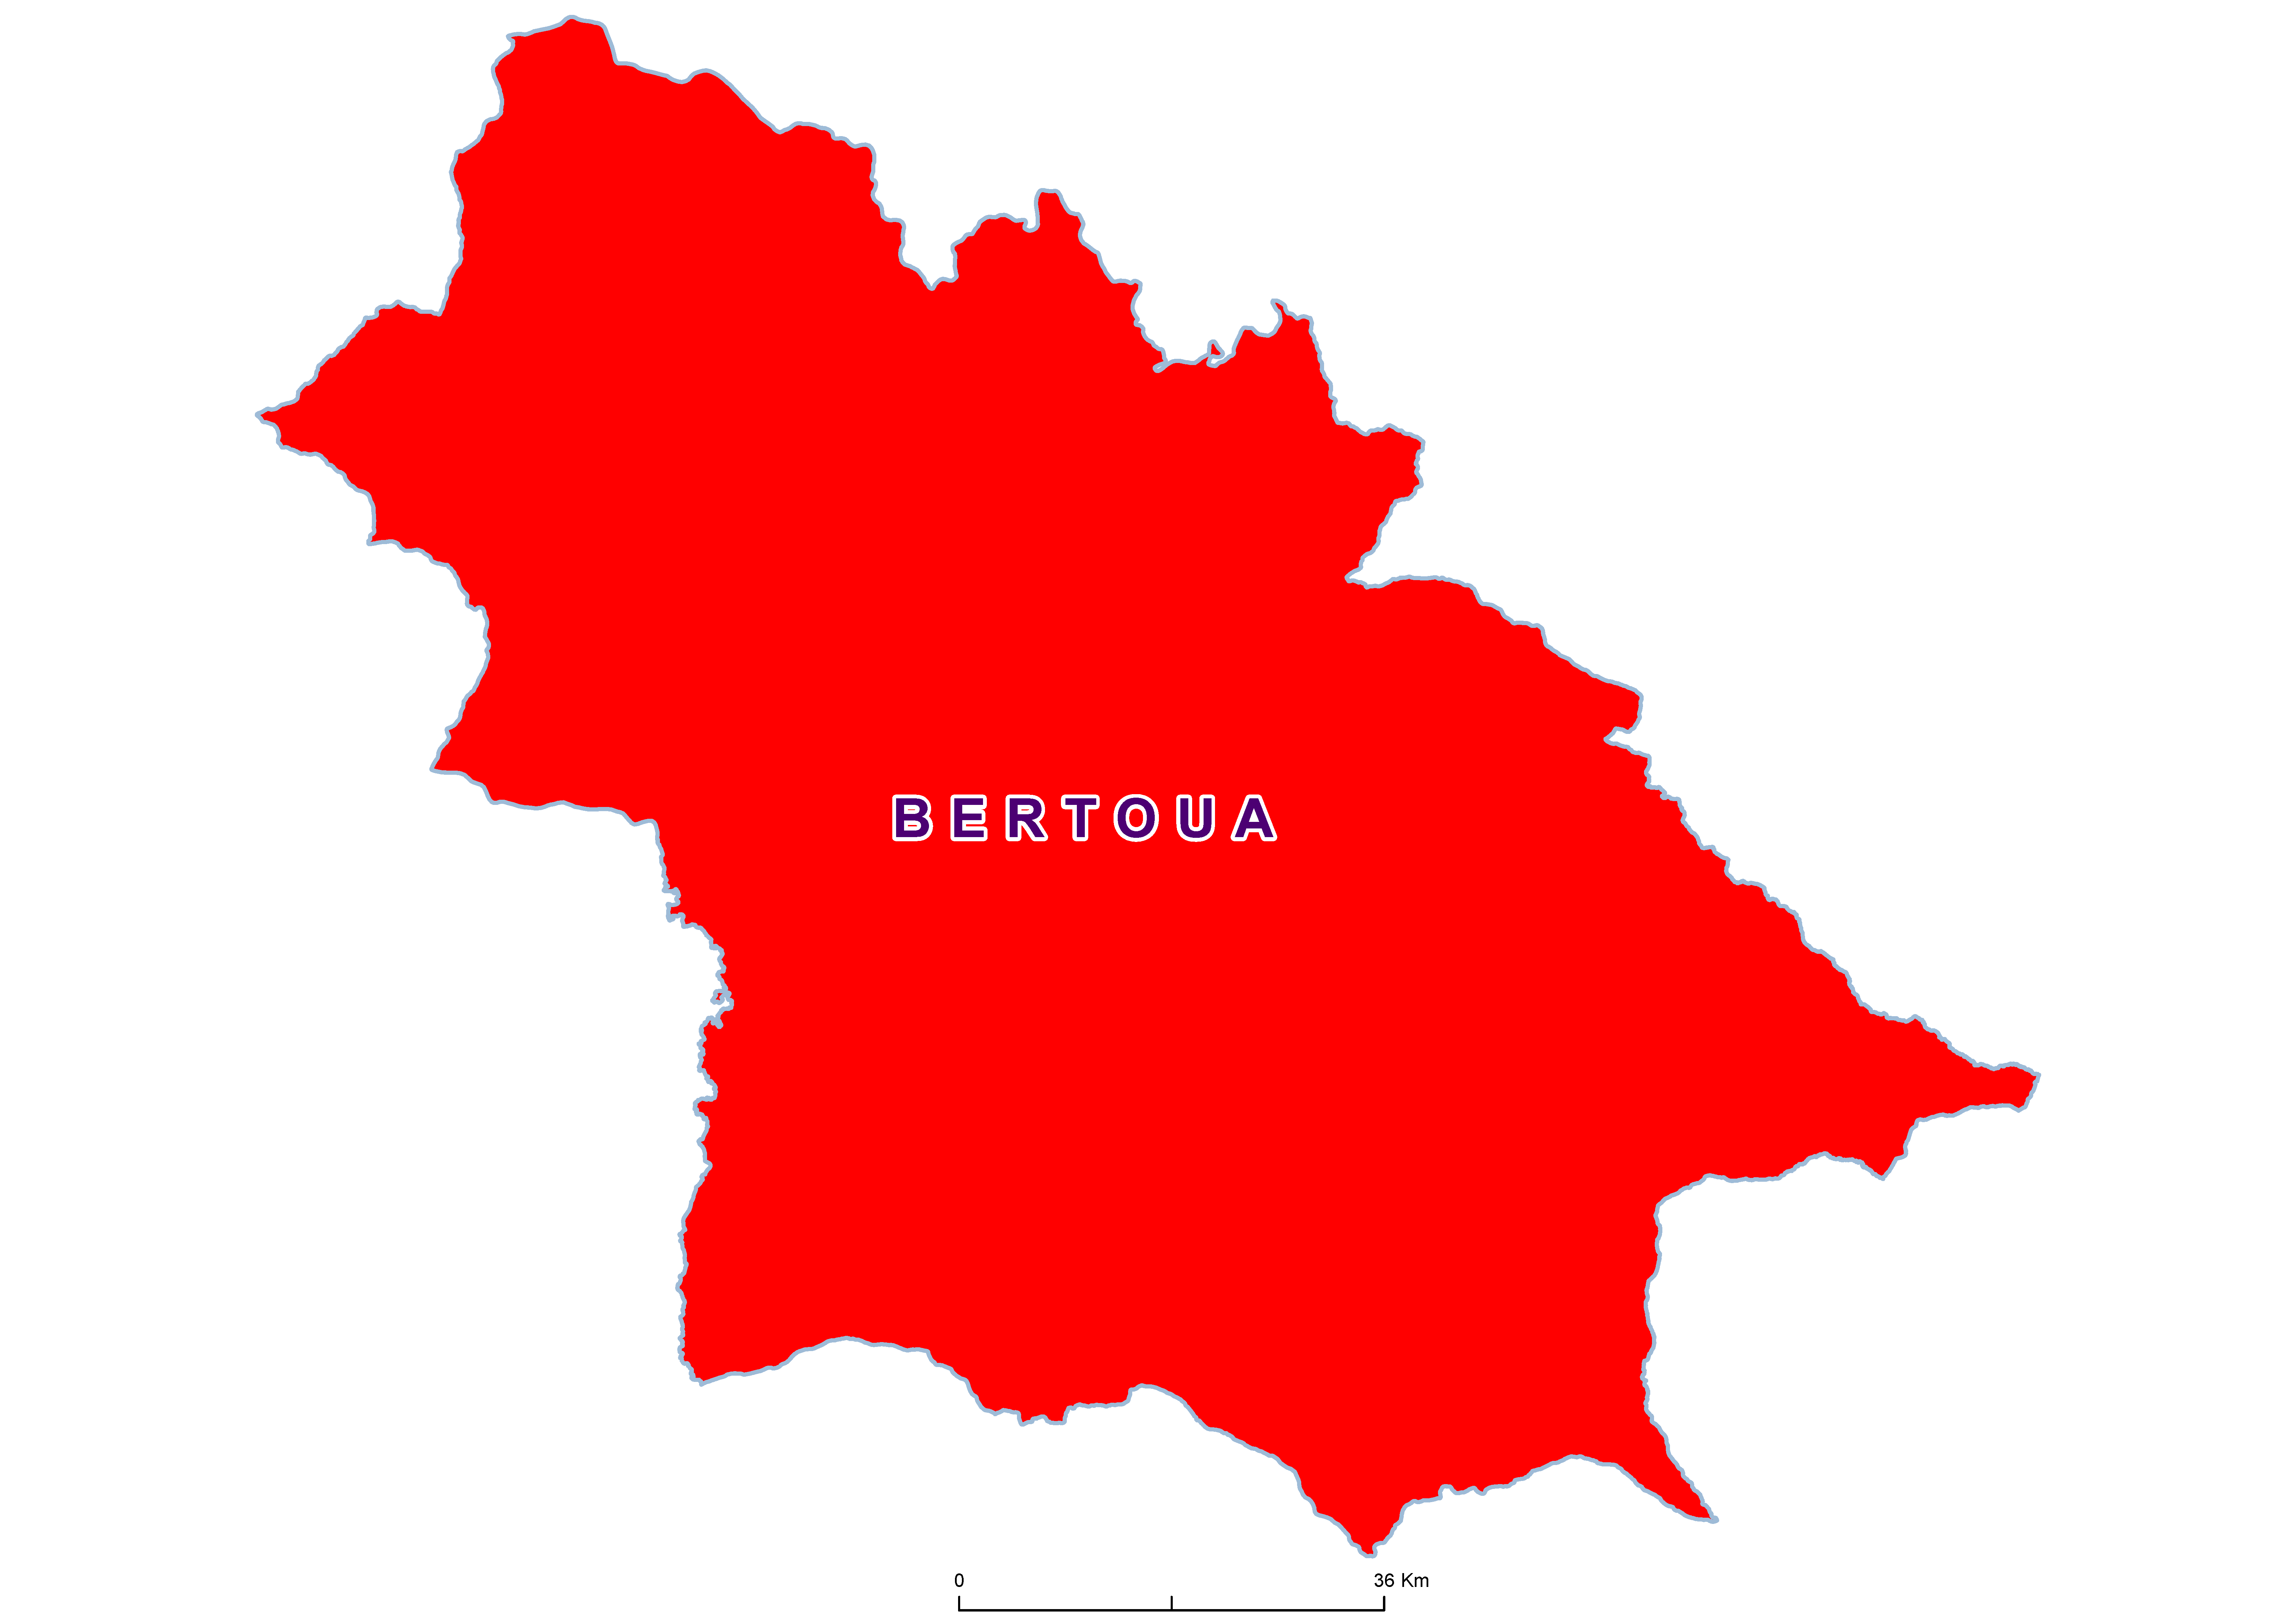 Bertoua Max SCH 19850001